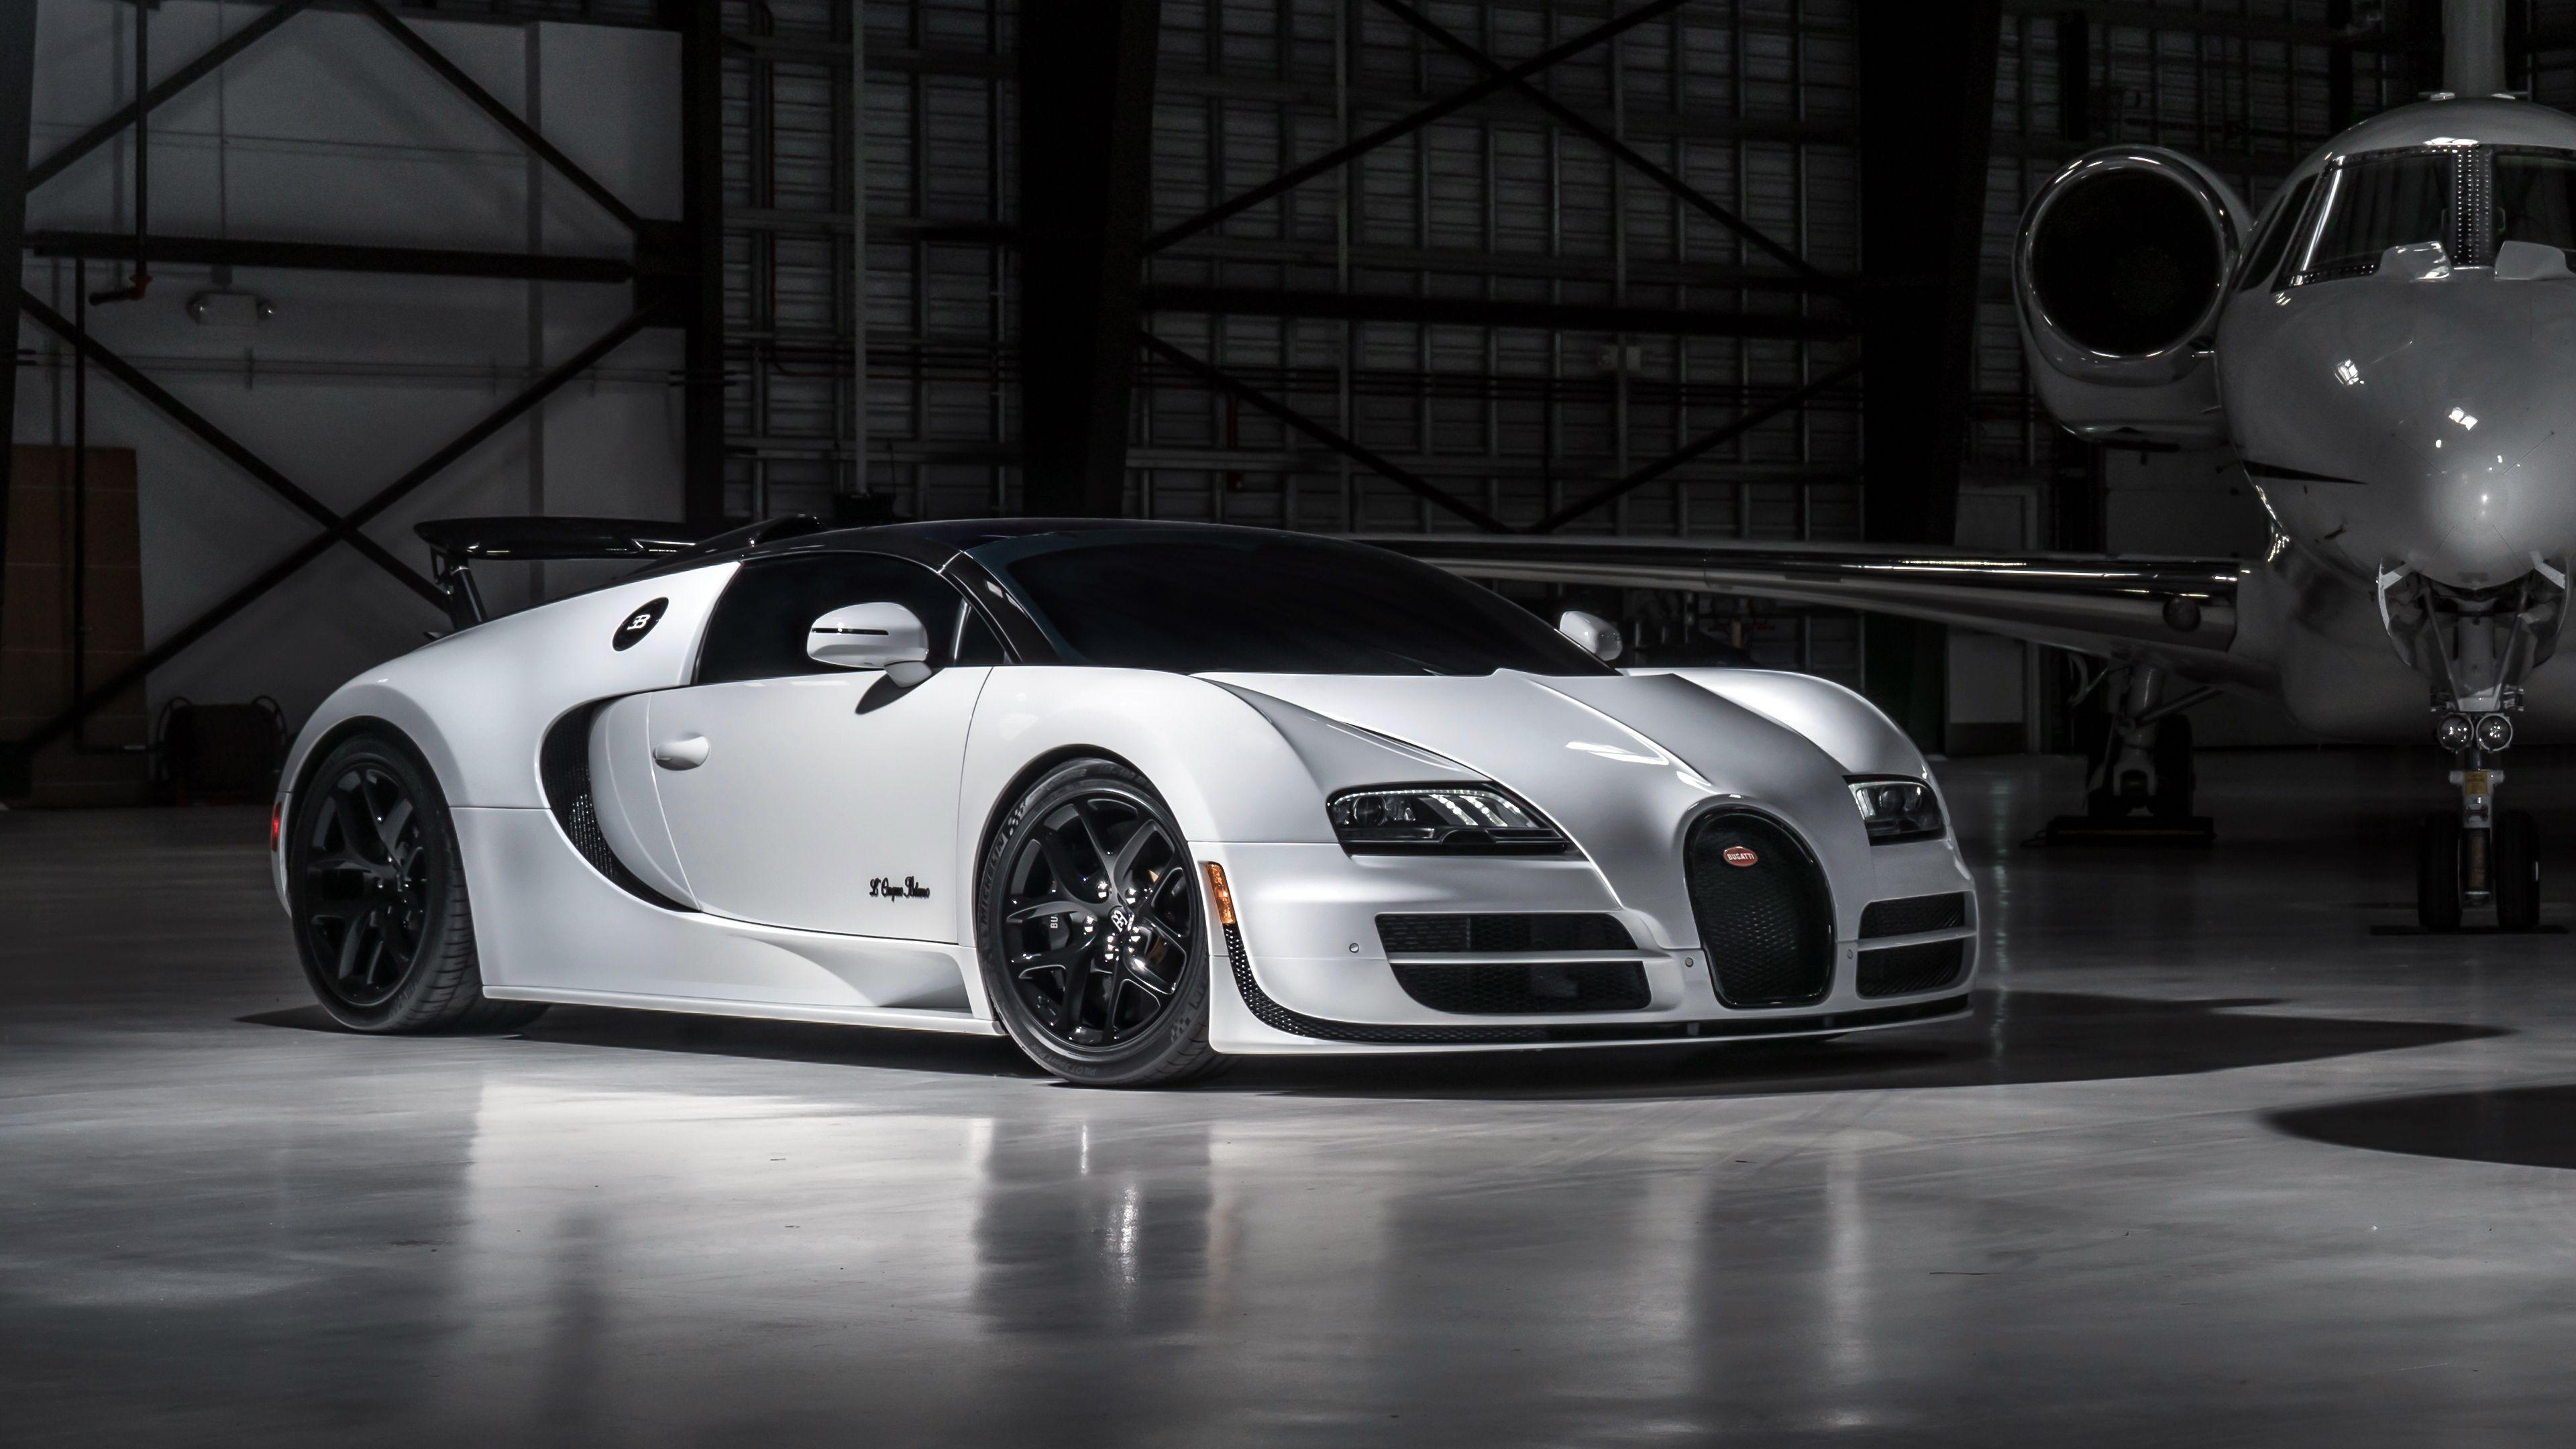 Pin By Mikebeezneez On Carz Bugatti Veyron Grand Sport Vitesse Bugatti Veyron Bugatti Veyron Super Sport